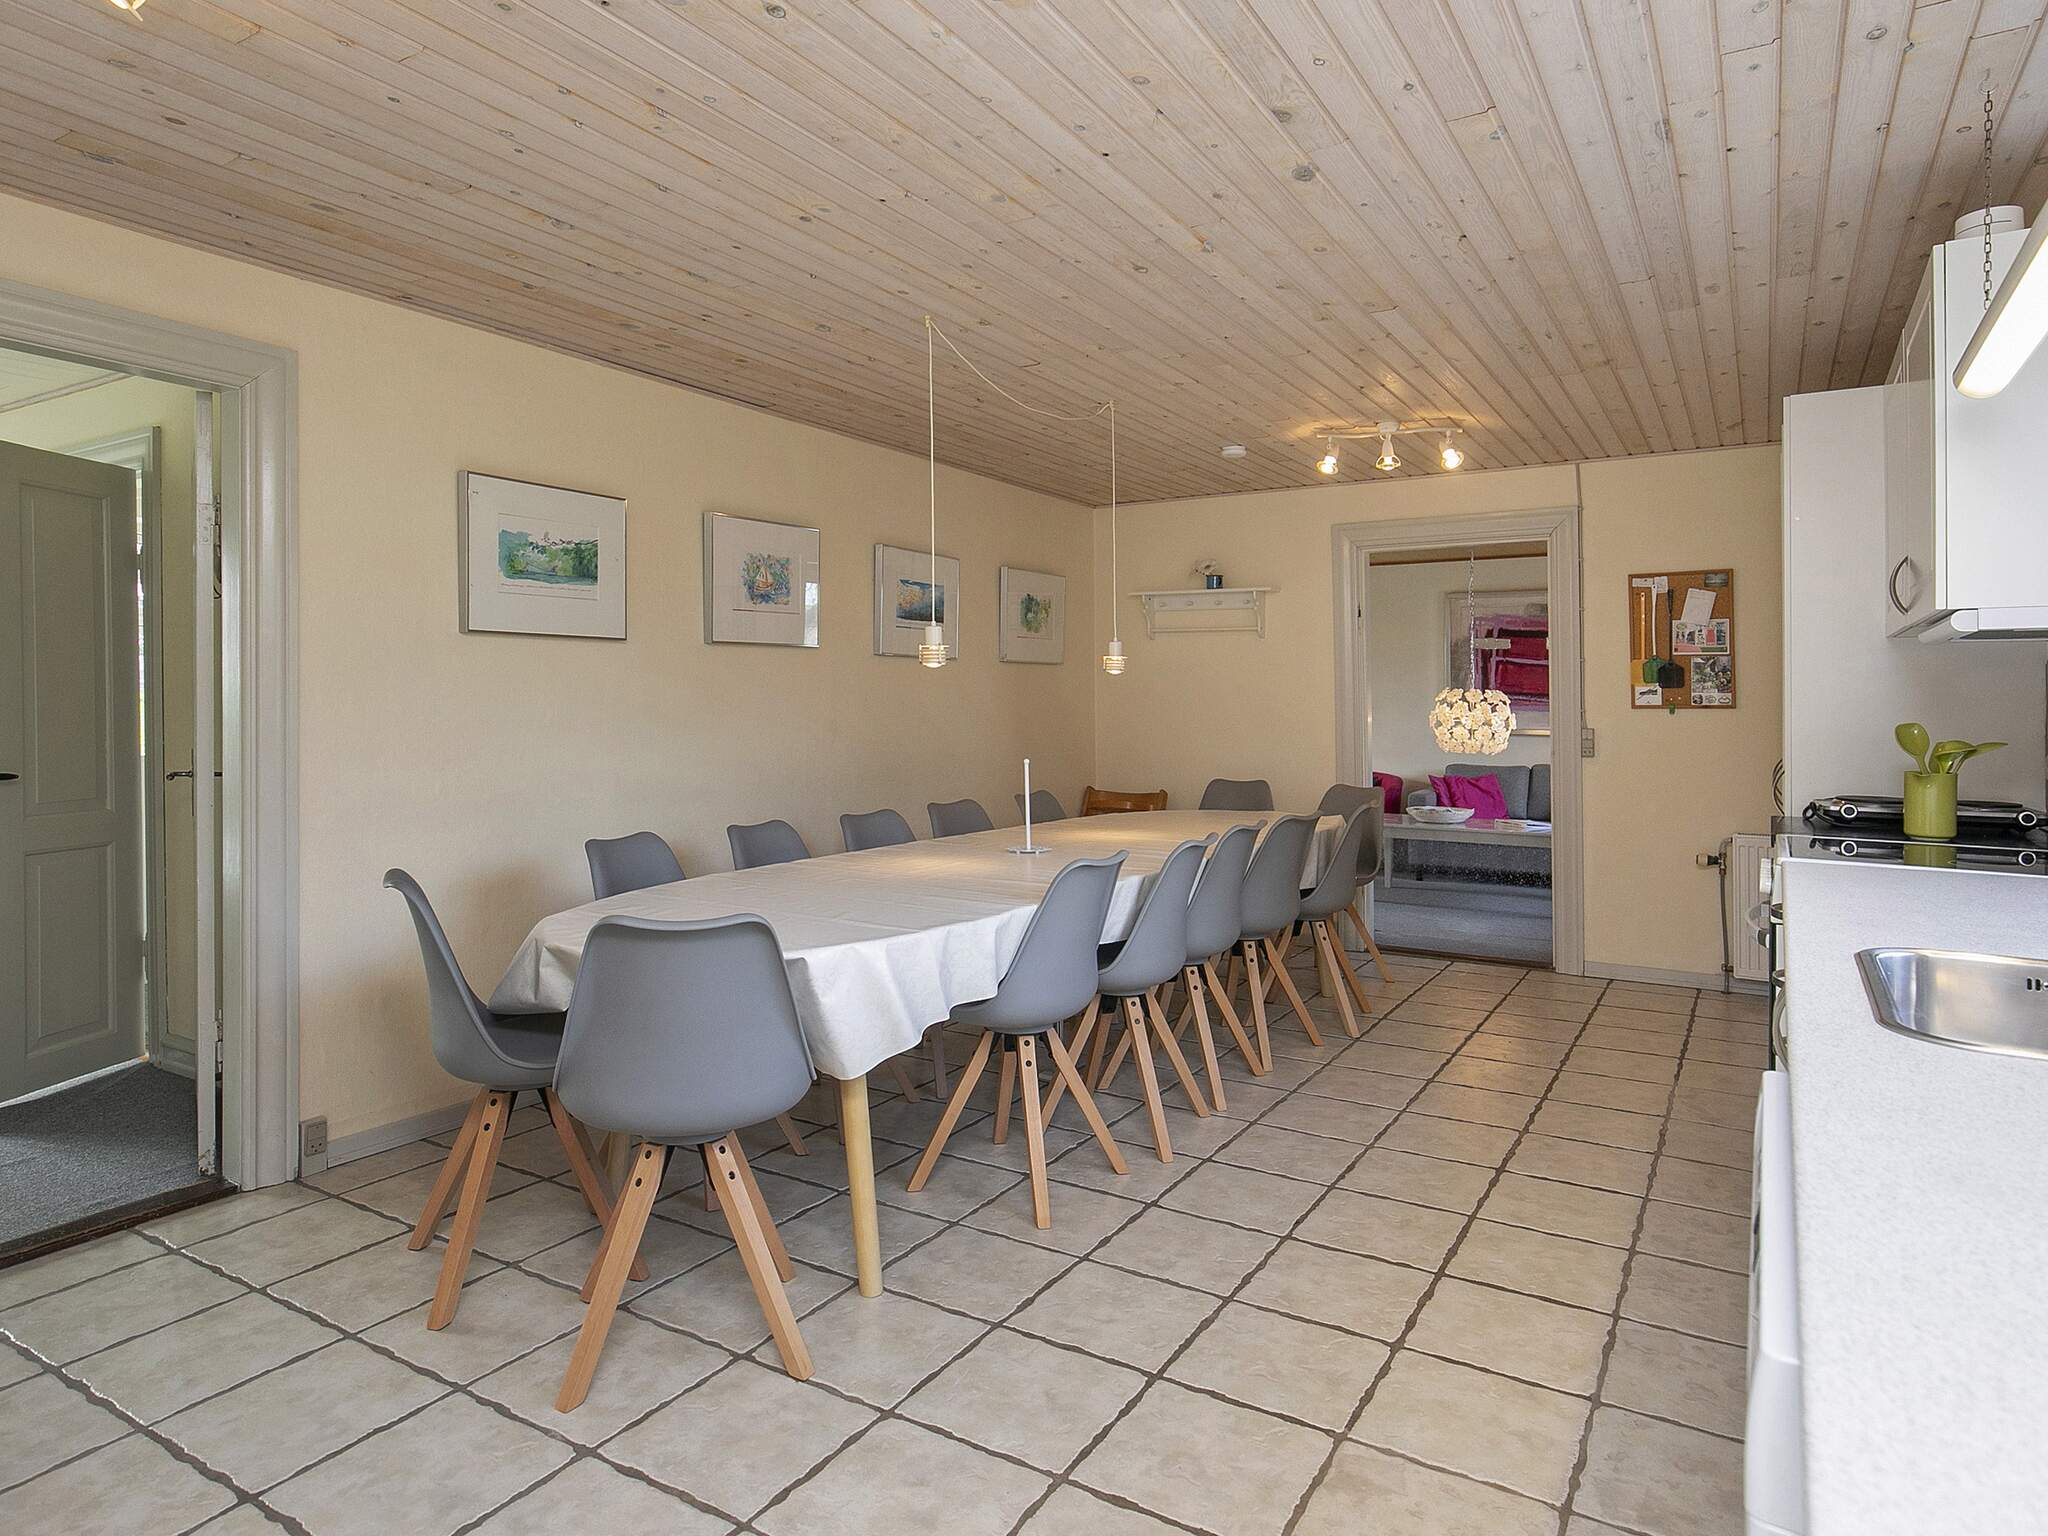 Ferienhaus Ærø/Ærøskøbing (237302), Ærøskøbing, , Ærø, Dänemark, Bild 3